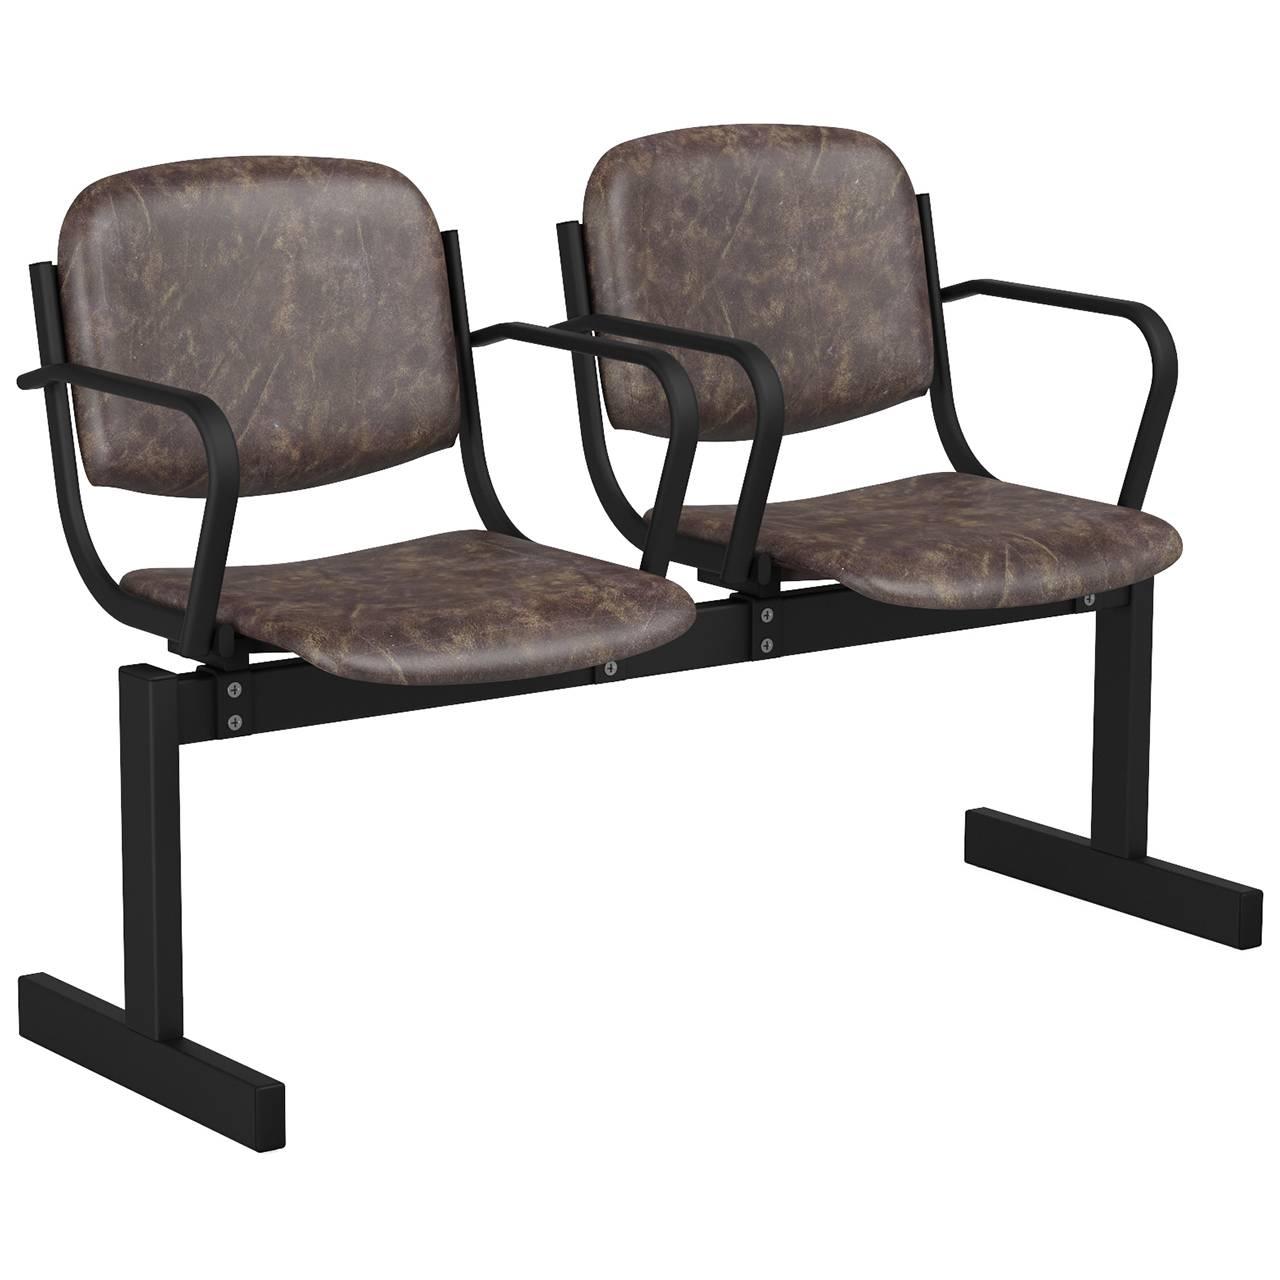 2-местный, не откидывающиеся сиденья, мягкий, подлокотники черный коричневый Кожзаменитель